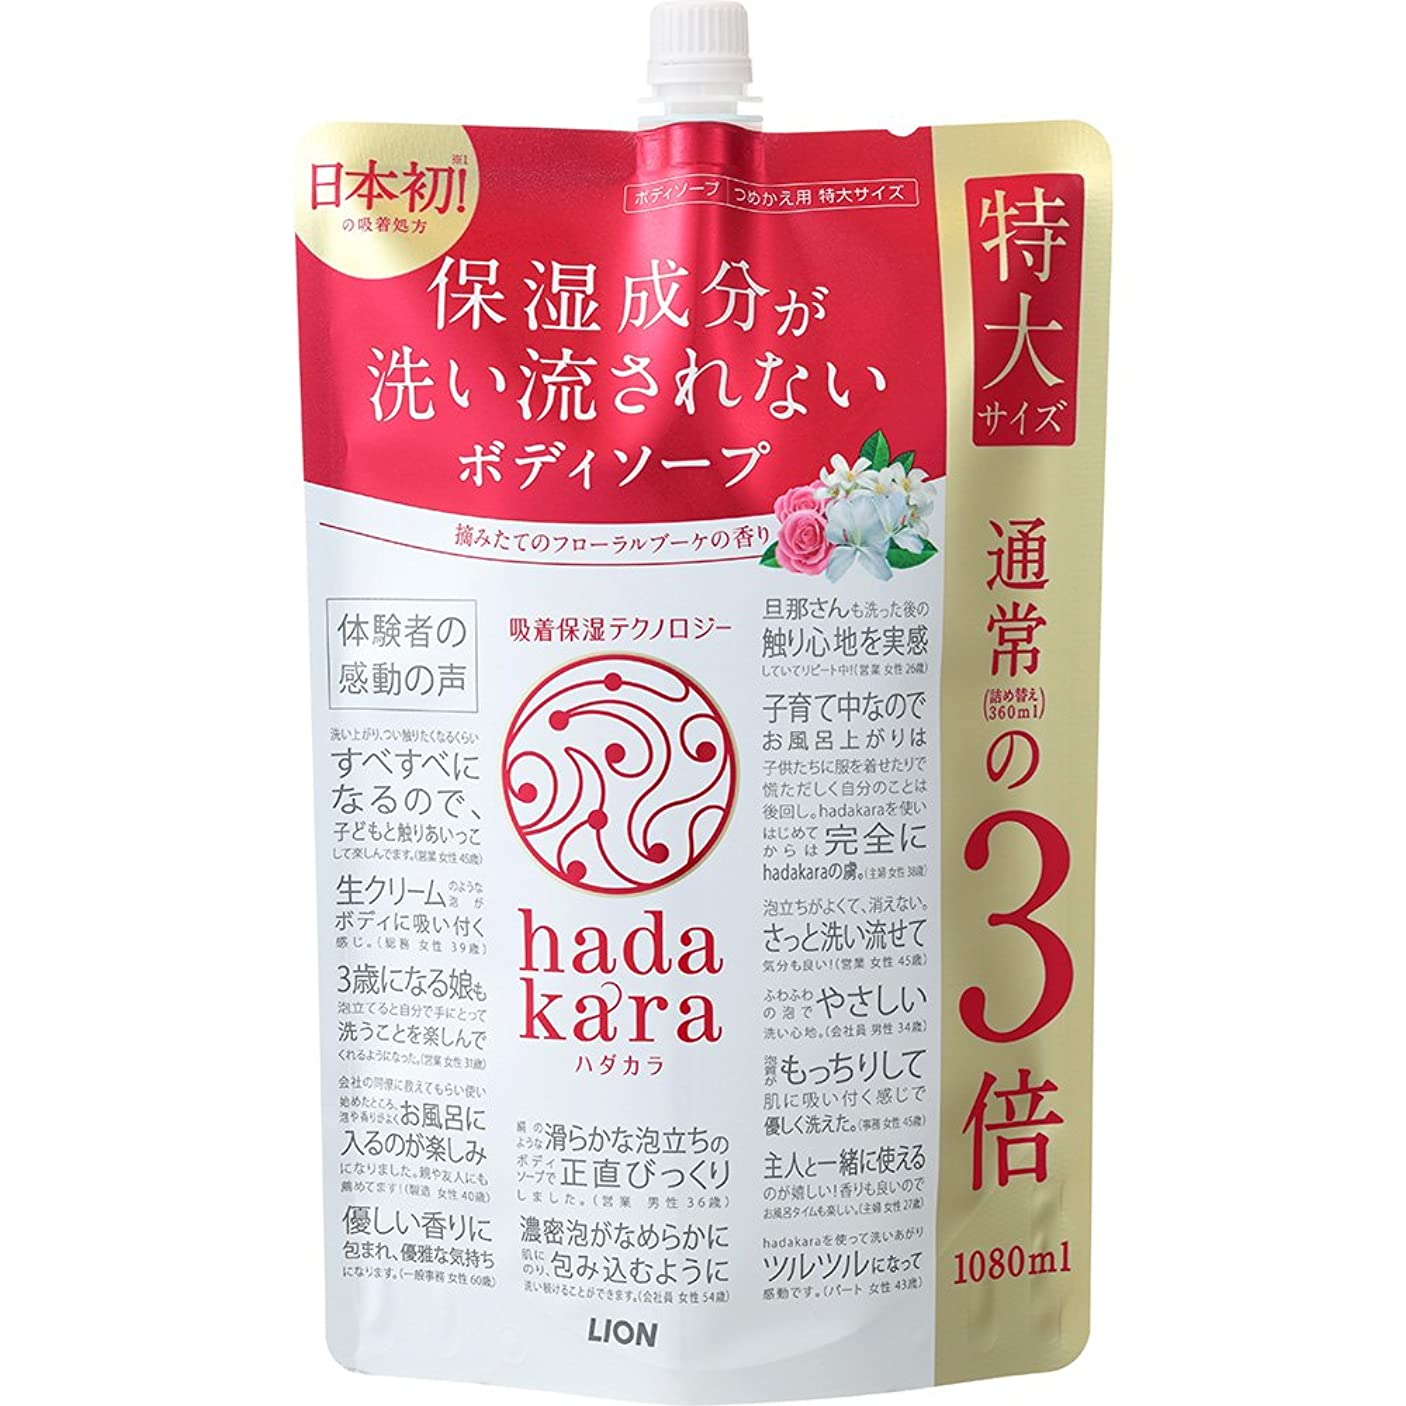 鋭くキャンバス押し下げる【大容量】hadakara(ハダカラ) ボディソープ フローラルブーケの香り 詰め替え 特大 1080ml